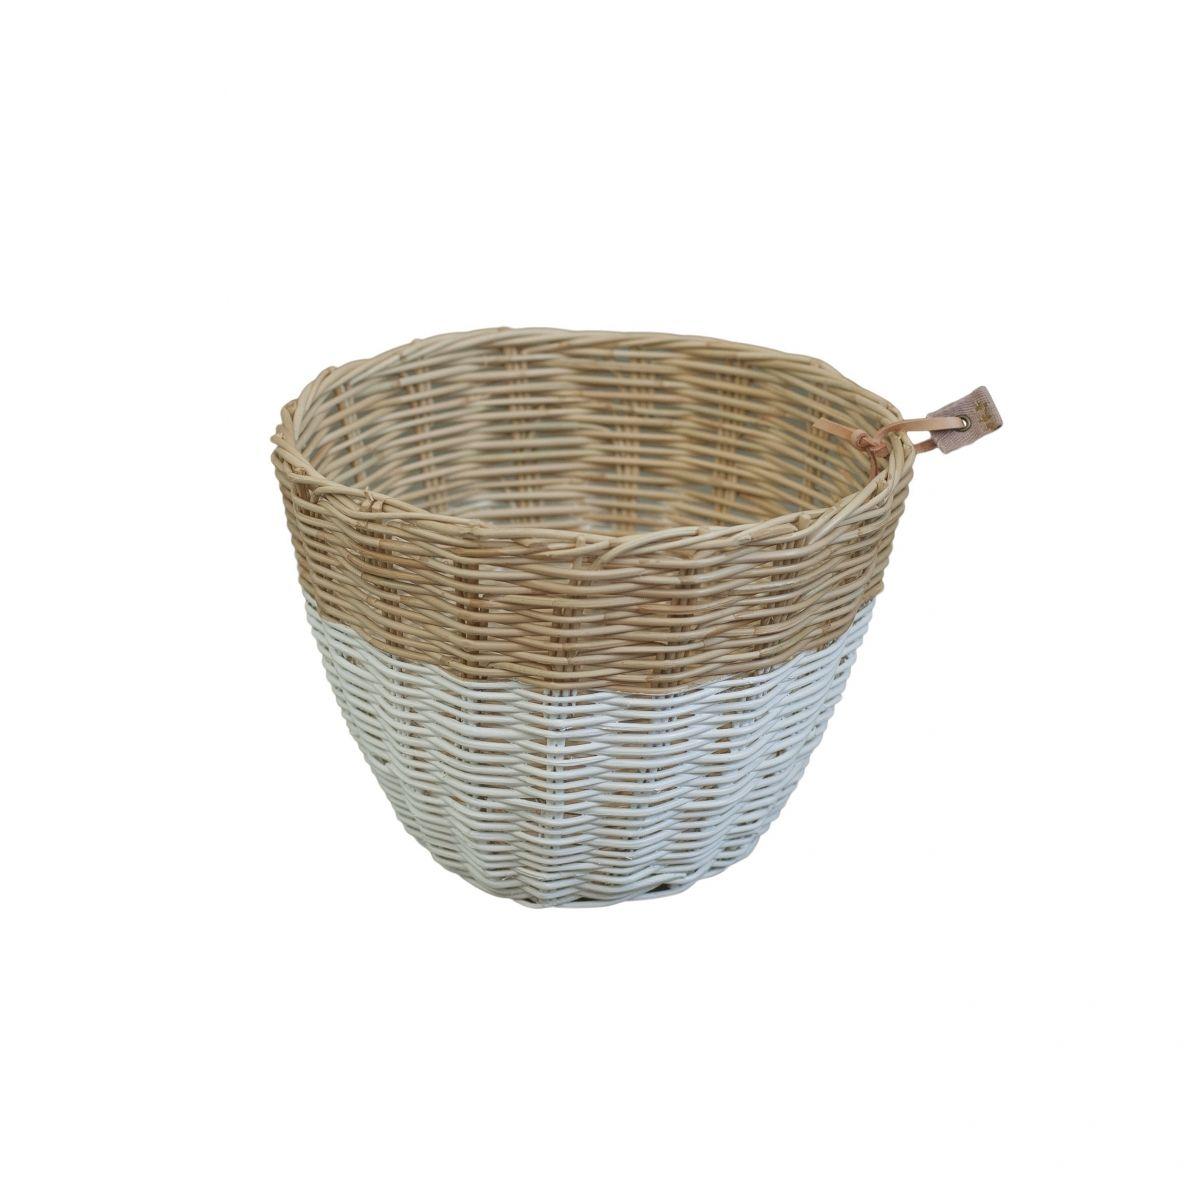 Numero 74 Basket rattan white